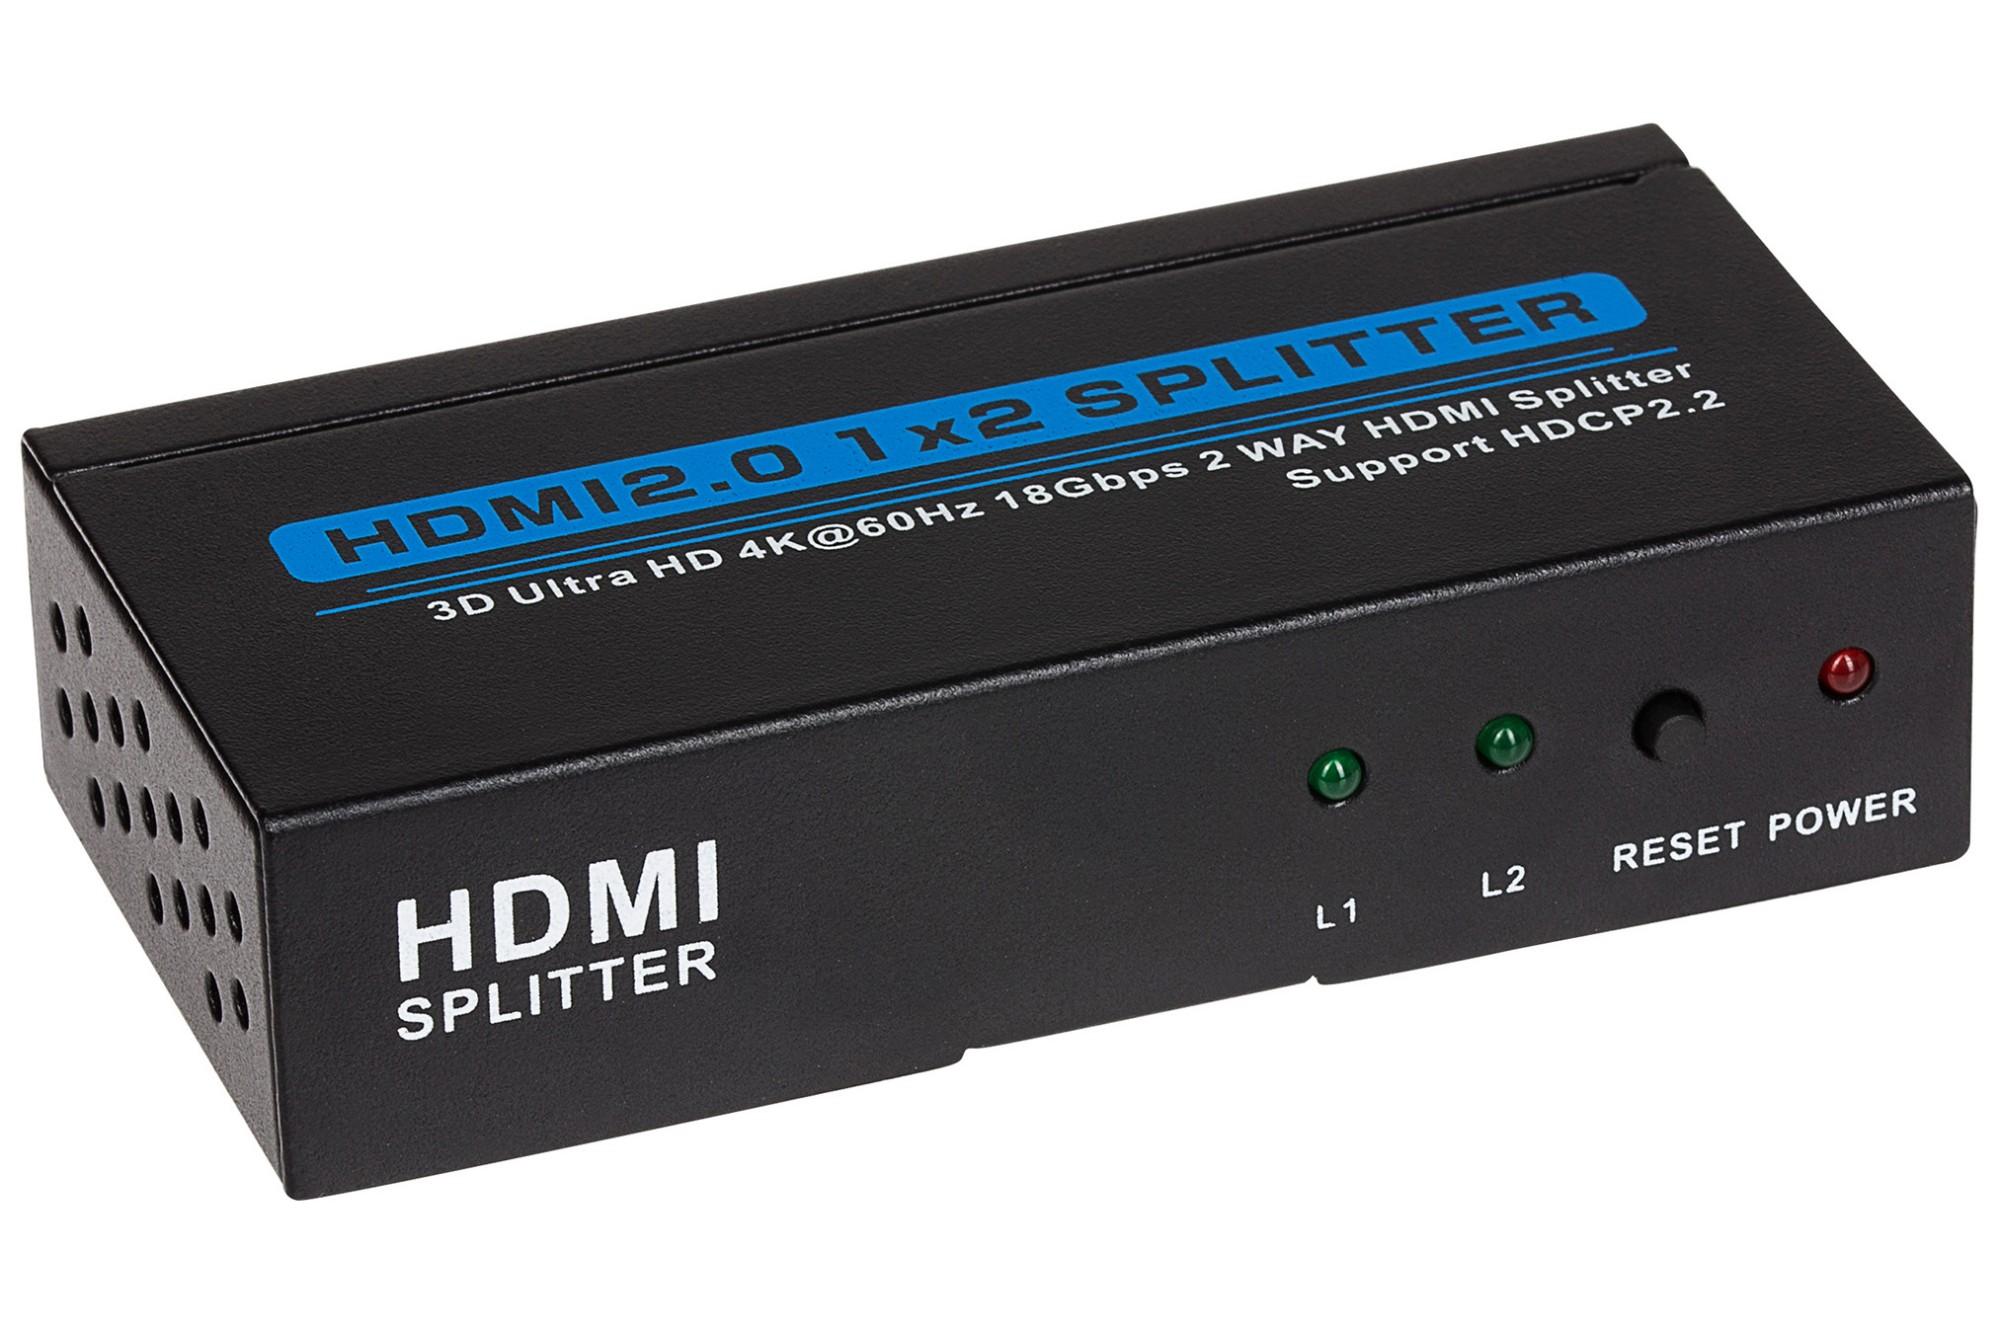 Nikkai 2-Port HDMI Splitter 4K 60Hz - Black